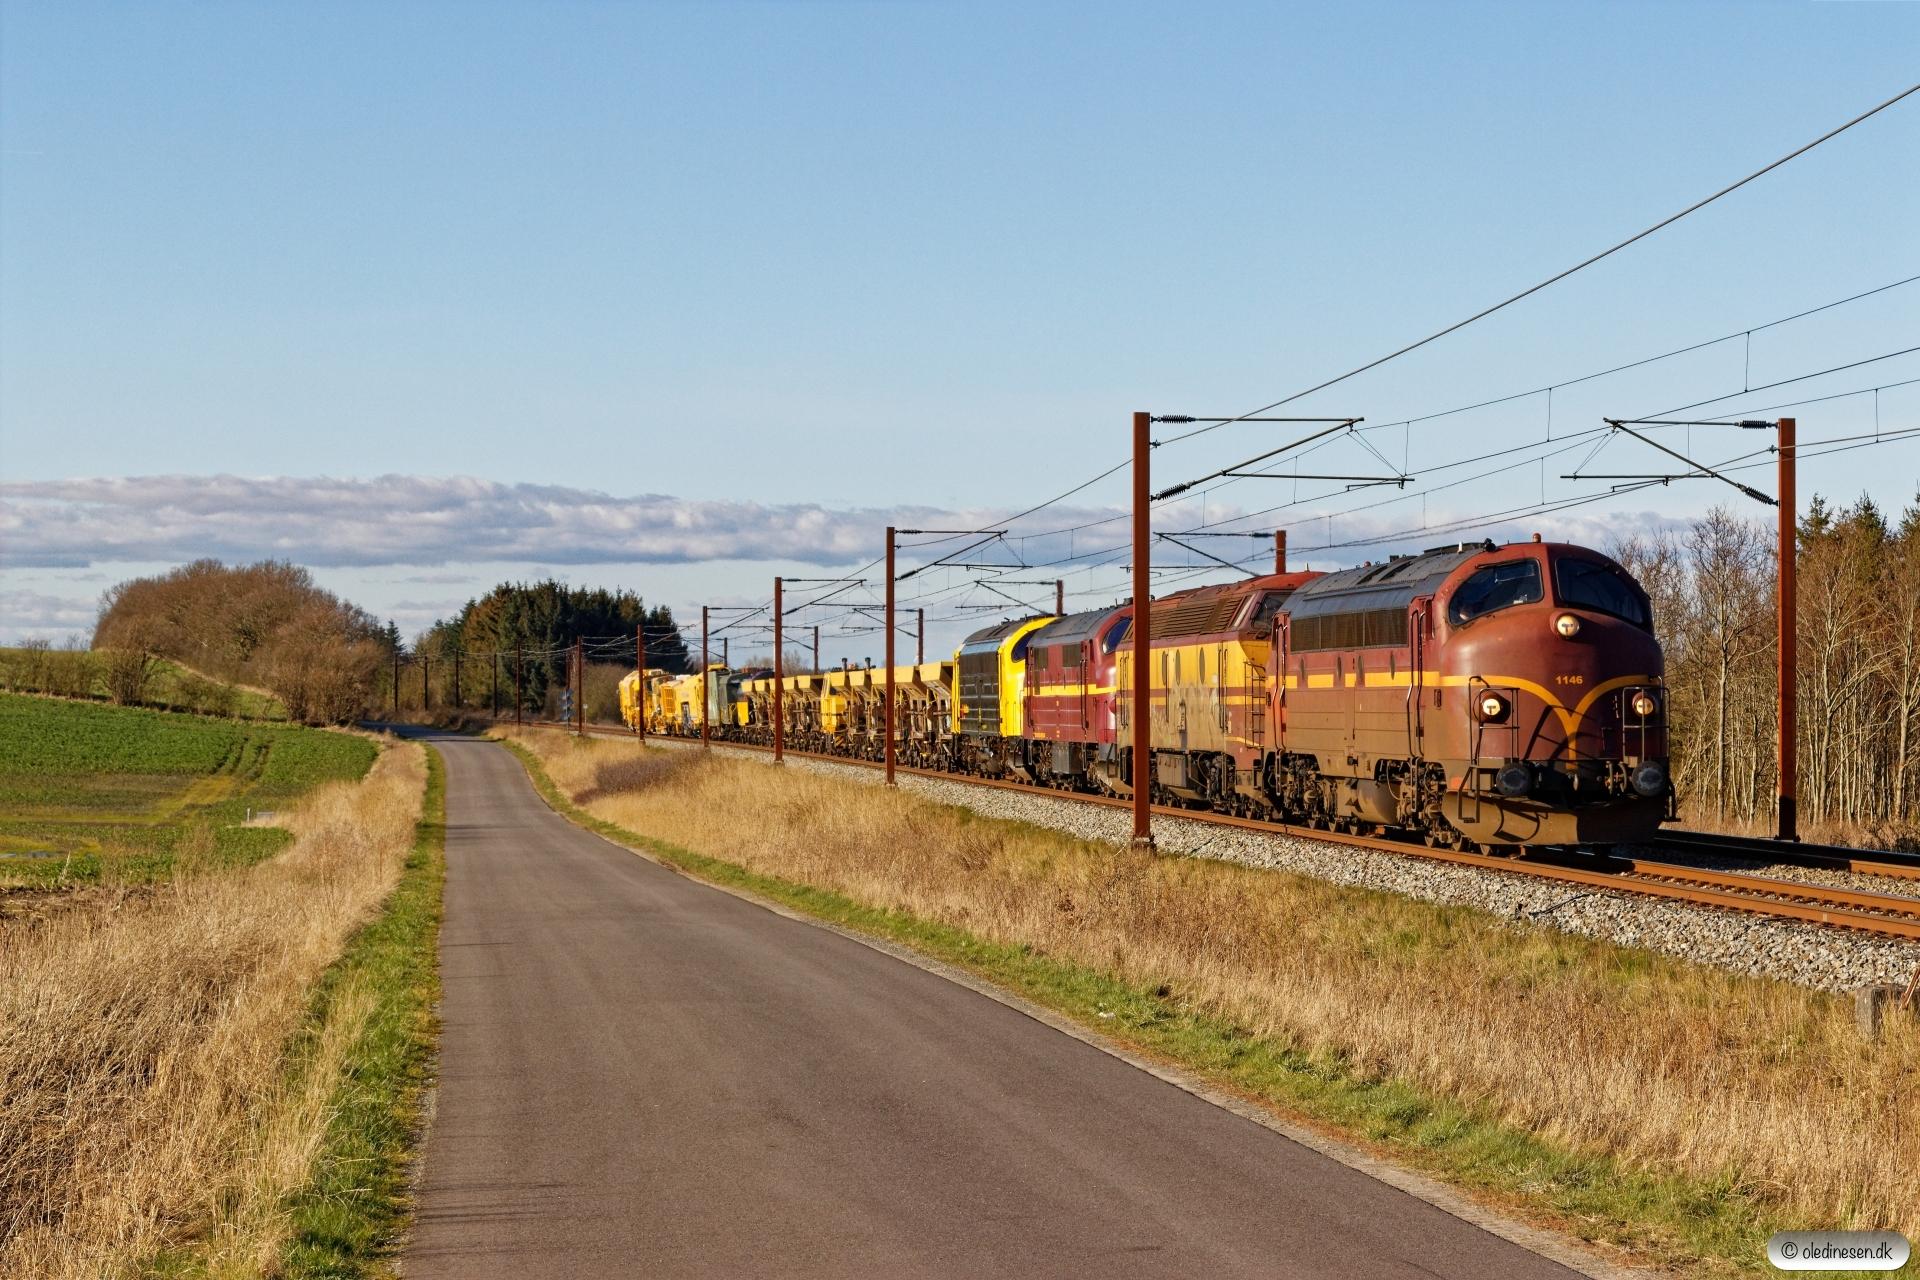 CFLCD MY 1146+CFLCA 1805+CFLCD MX 1029+RSEJ MY 1159 med CB 6122 Pa-Sg. Km 195,4 Kh (Ejby-Nørre Åby) 21.03.2020.